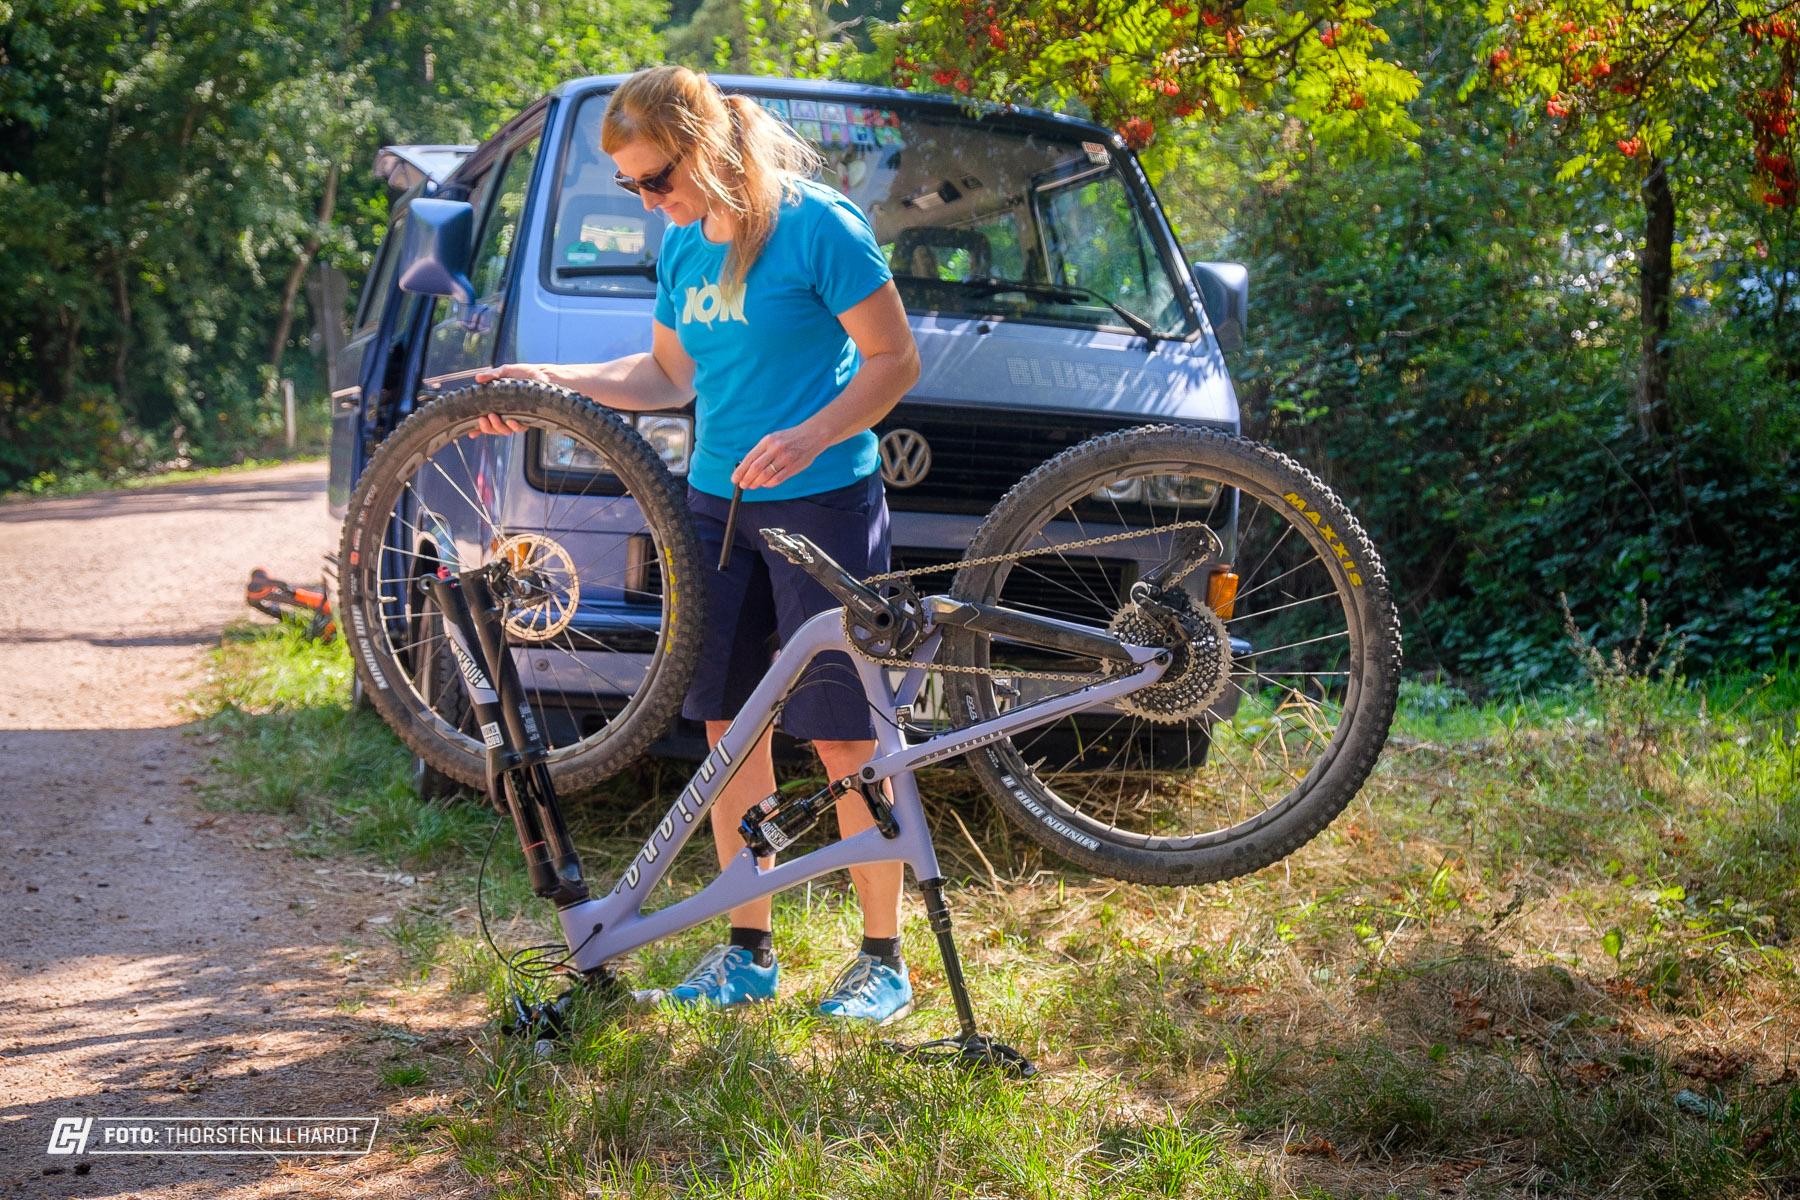 Schnellspannachse vorn ist super - aber am Hinterrad muss das nicht sein.